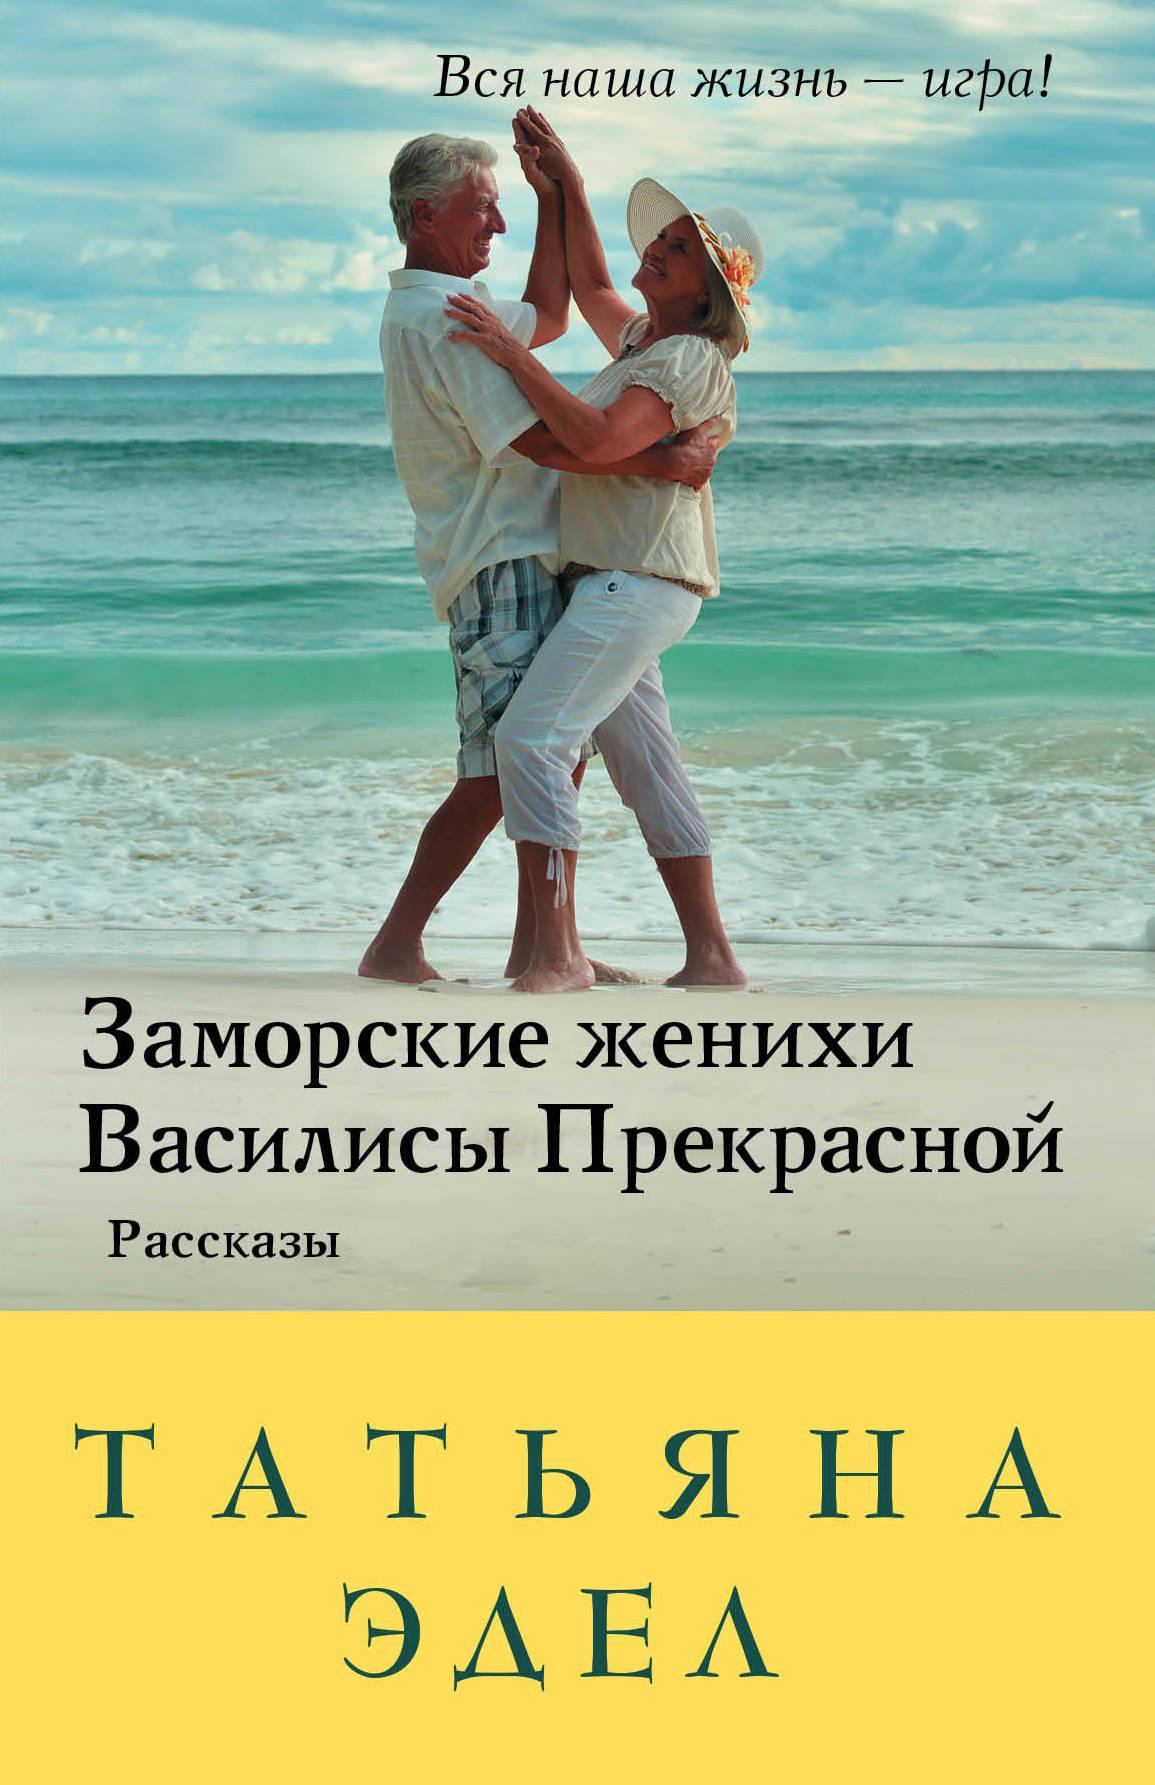 Эдел Татьяна Яковлевна Заморские женихи Василисы Прекрасной